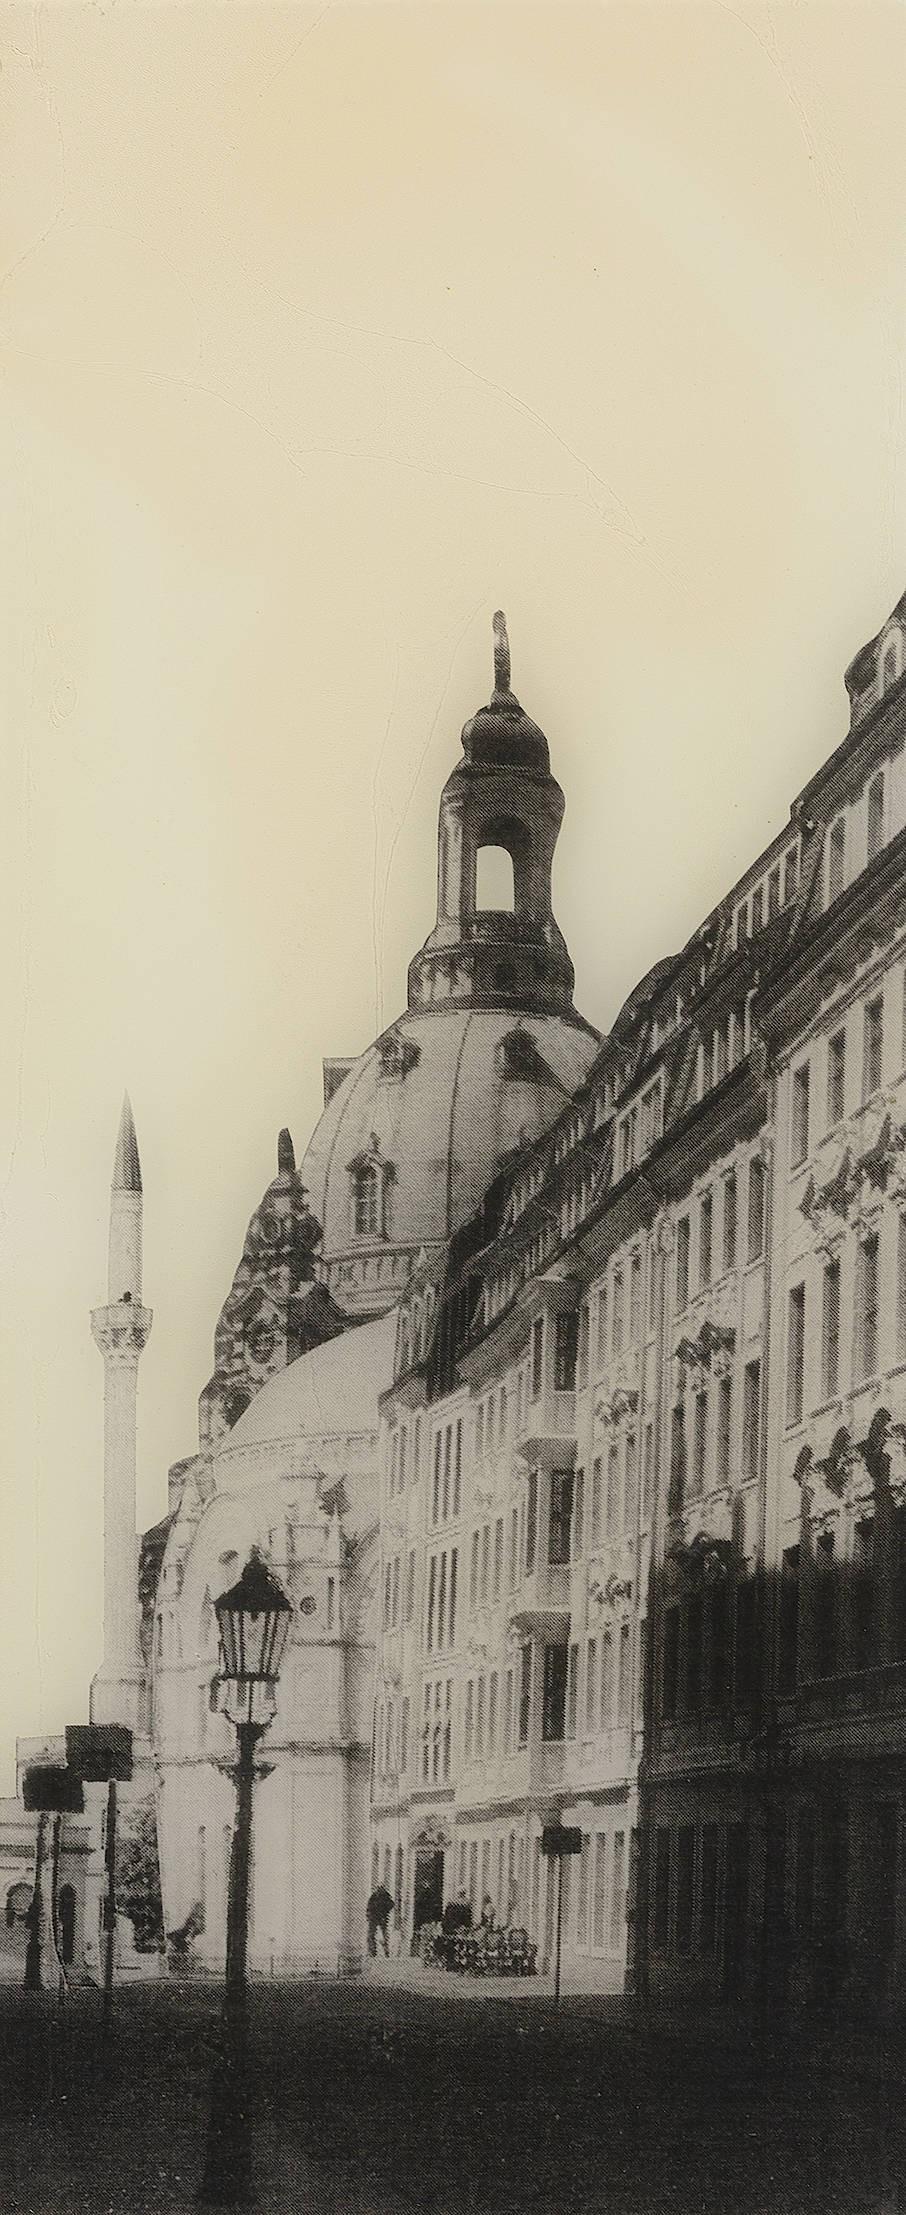 """Alternative Vergangenheit: Manaf Halbouni: """"Rampische Straße in Dresden mit Blick auf die Augustus Moschee"""", Papier auf MDF-Platte, Epoxidharz, 52 mal 22  Zentimeter."""